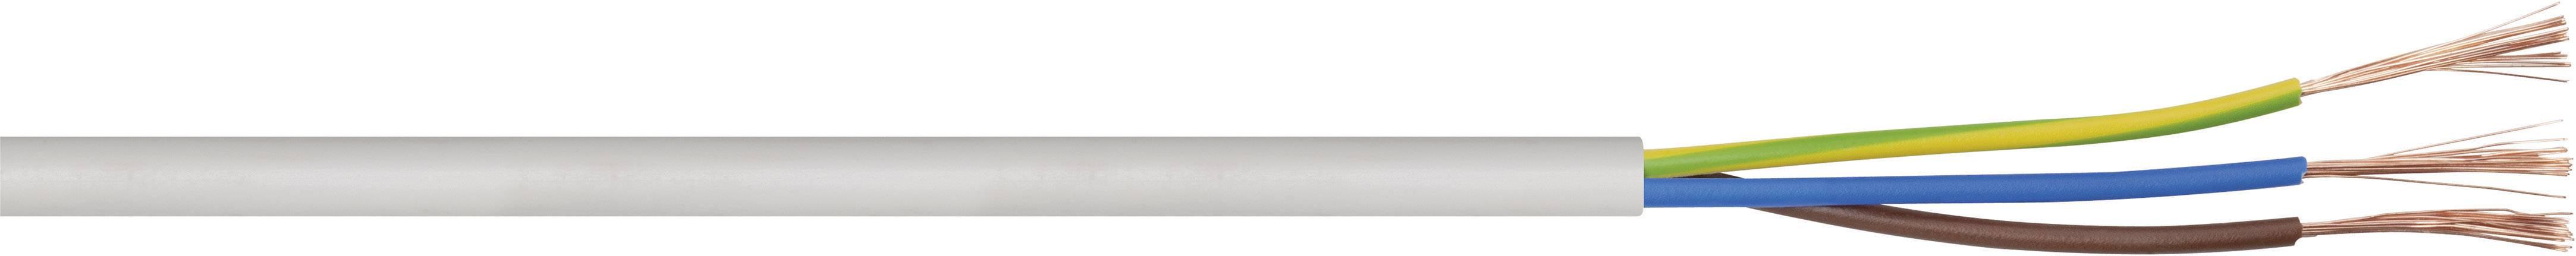 Vícežílový kabel LAPP H03VV-F, 49900069/300, 4 G 0.75 mm², bílá, 300 m